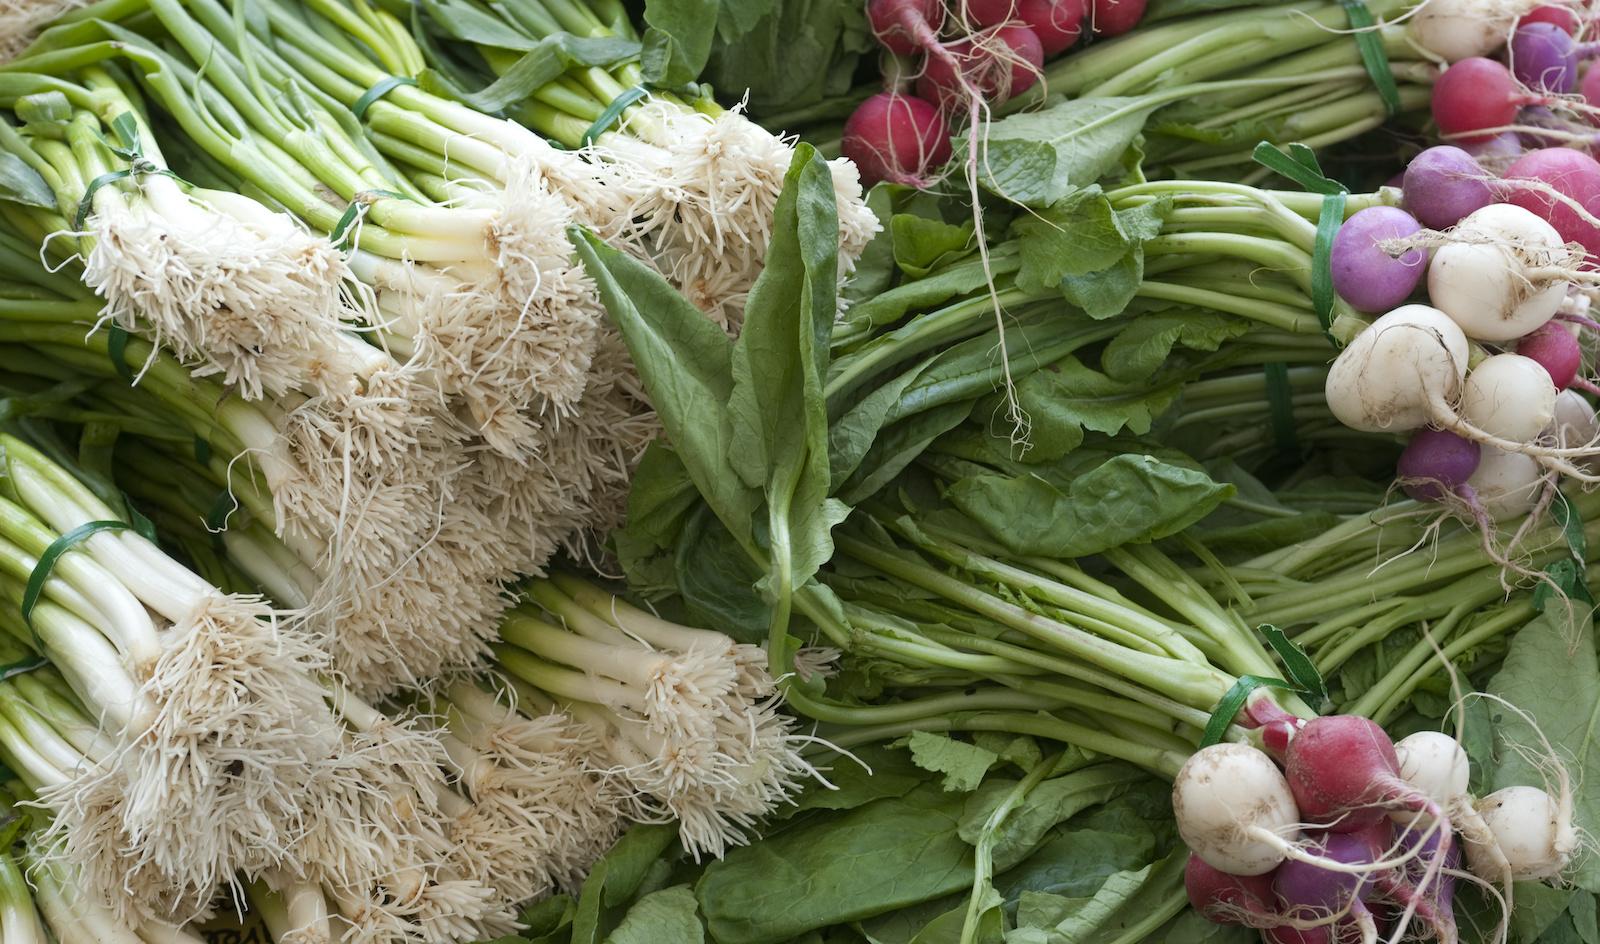 USA, Washington State, Seattle, Pike Place Market, Produce